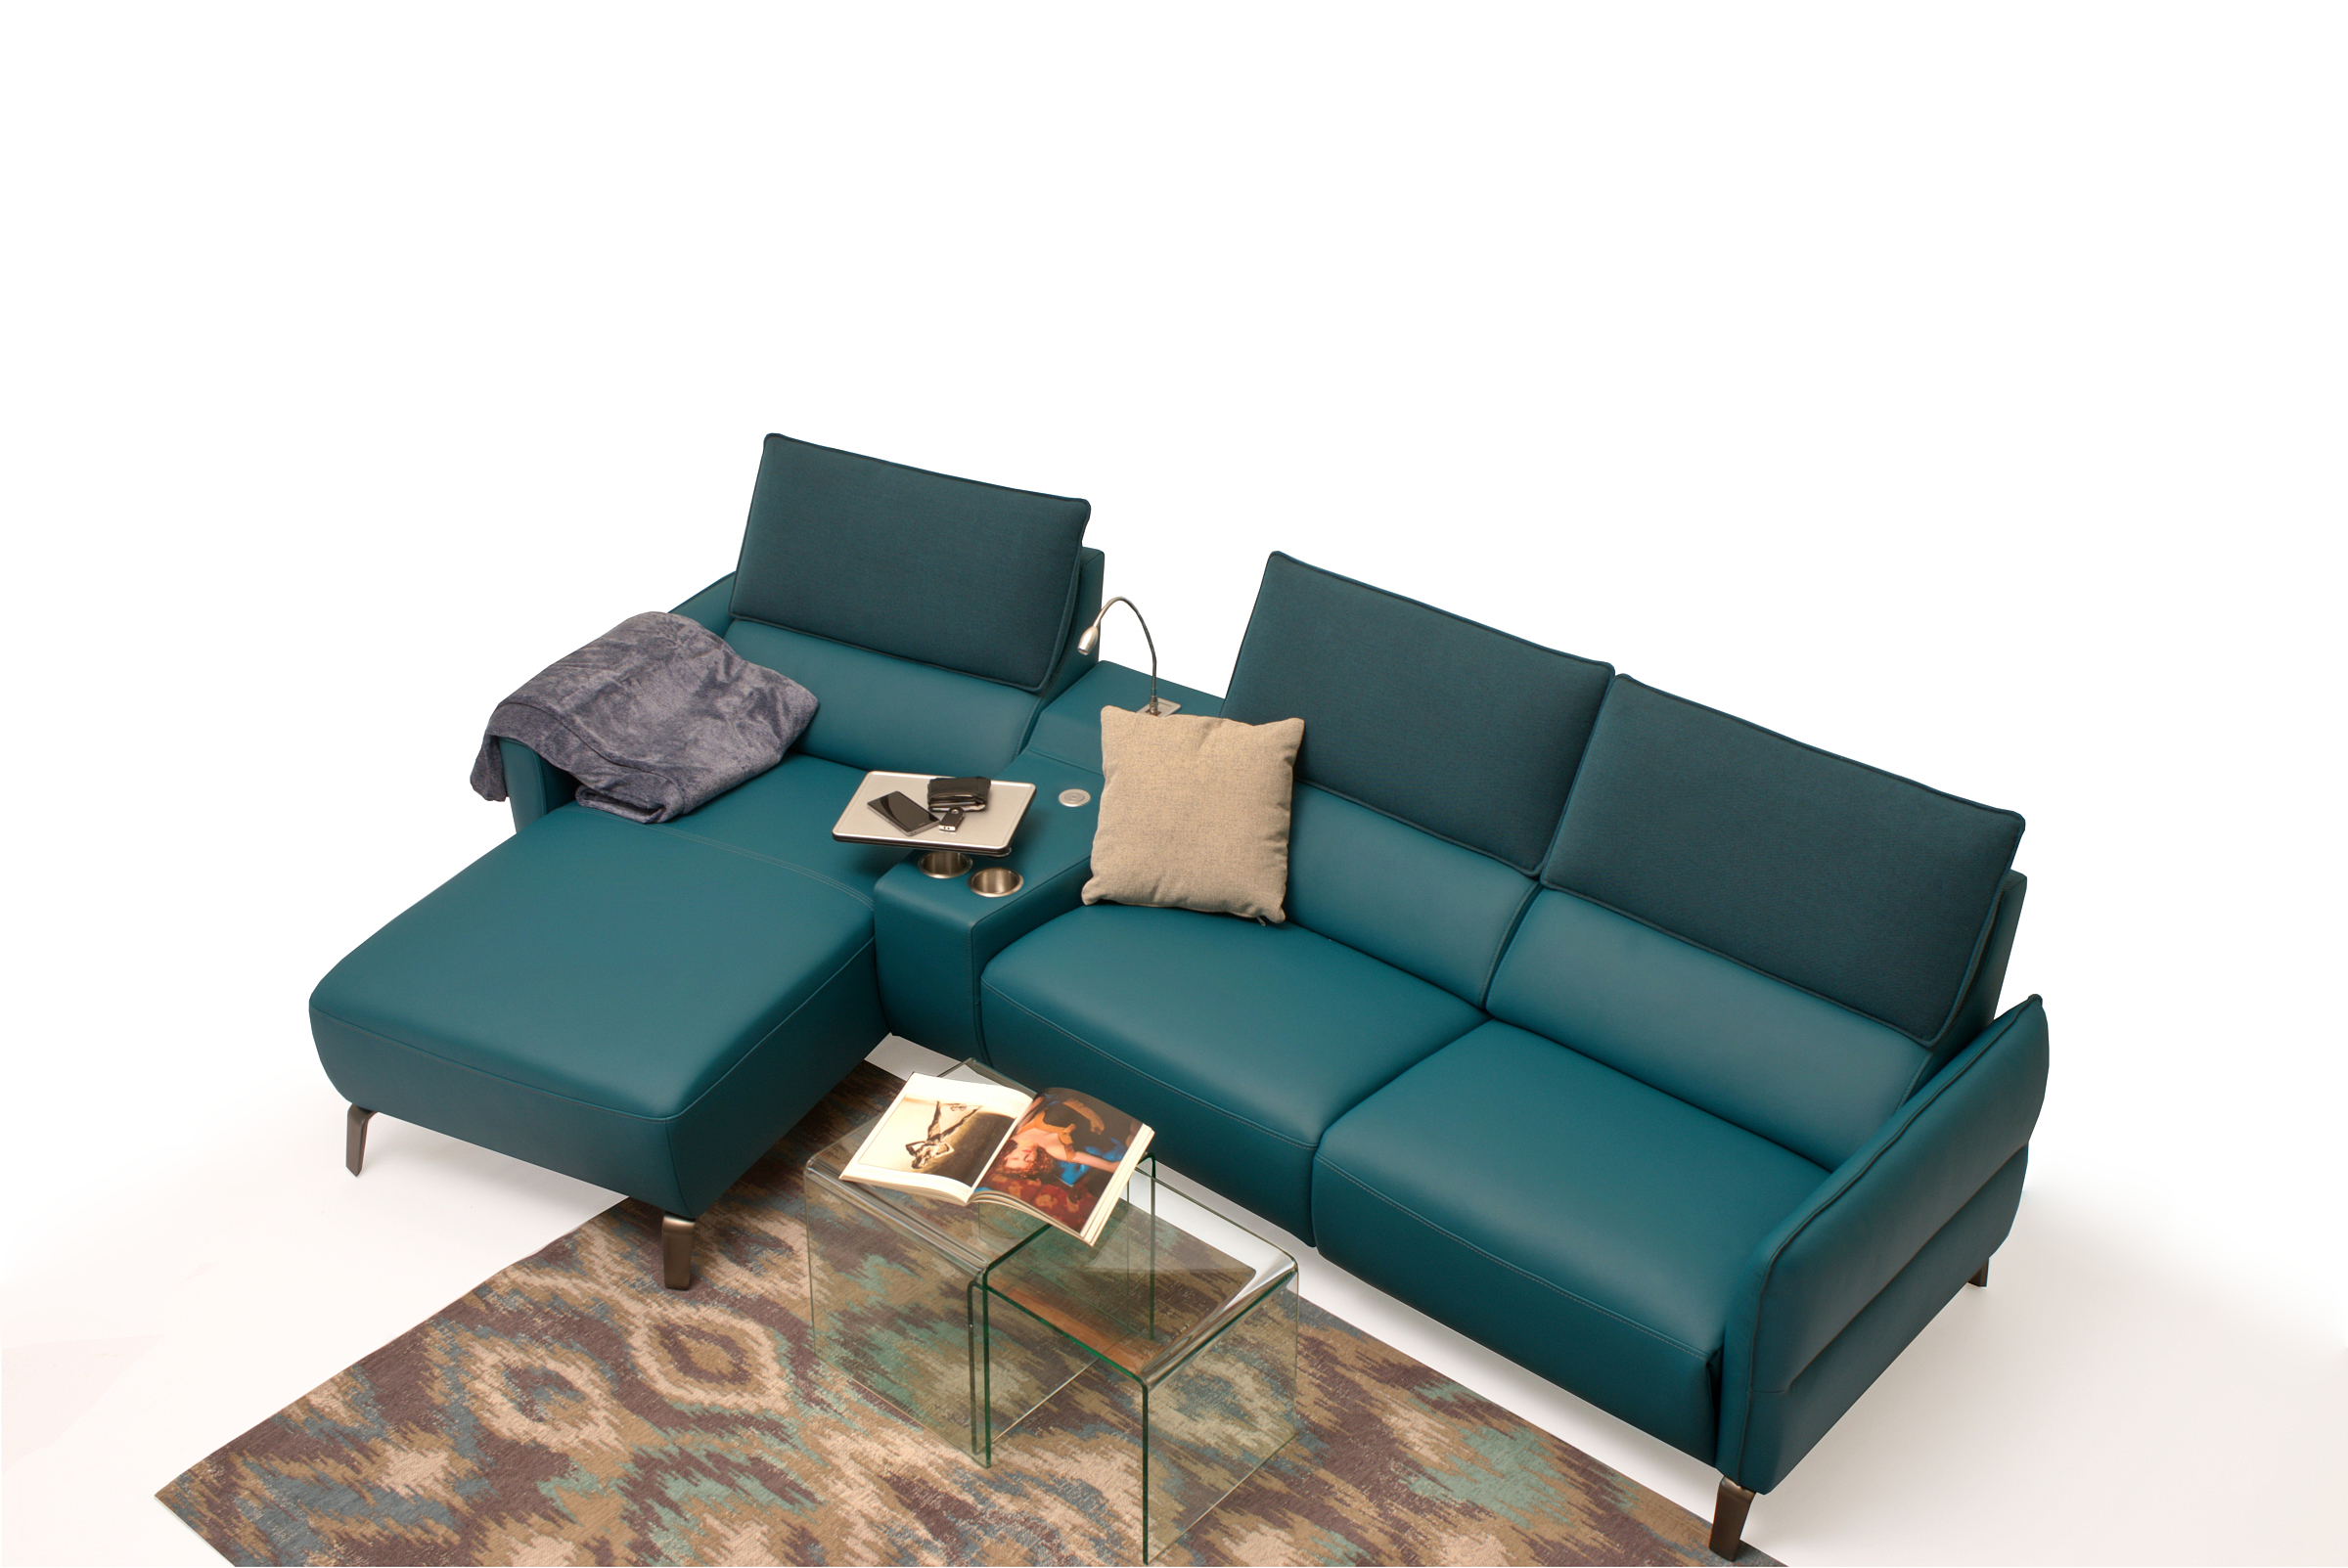 Aviva2 skórzany narożnik w kolorze morskim do nowoczesnego salonu